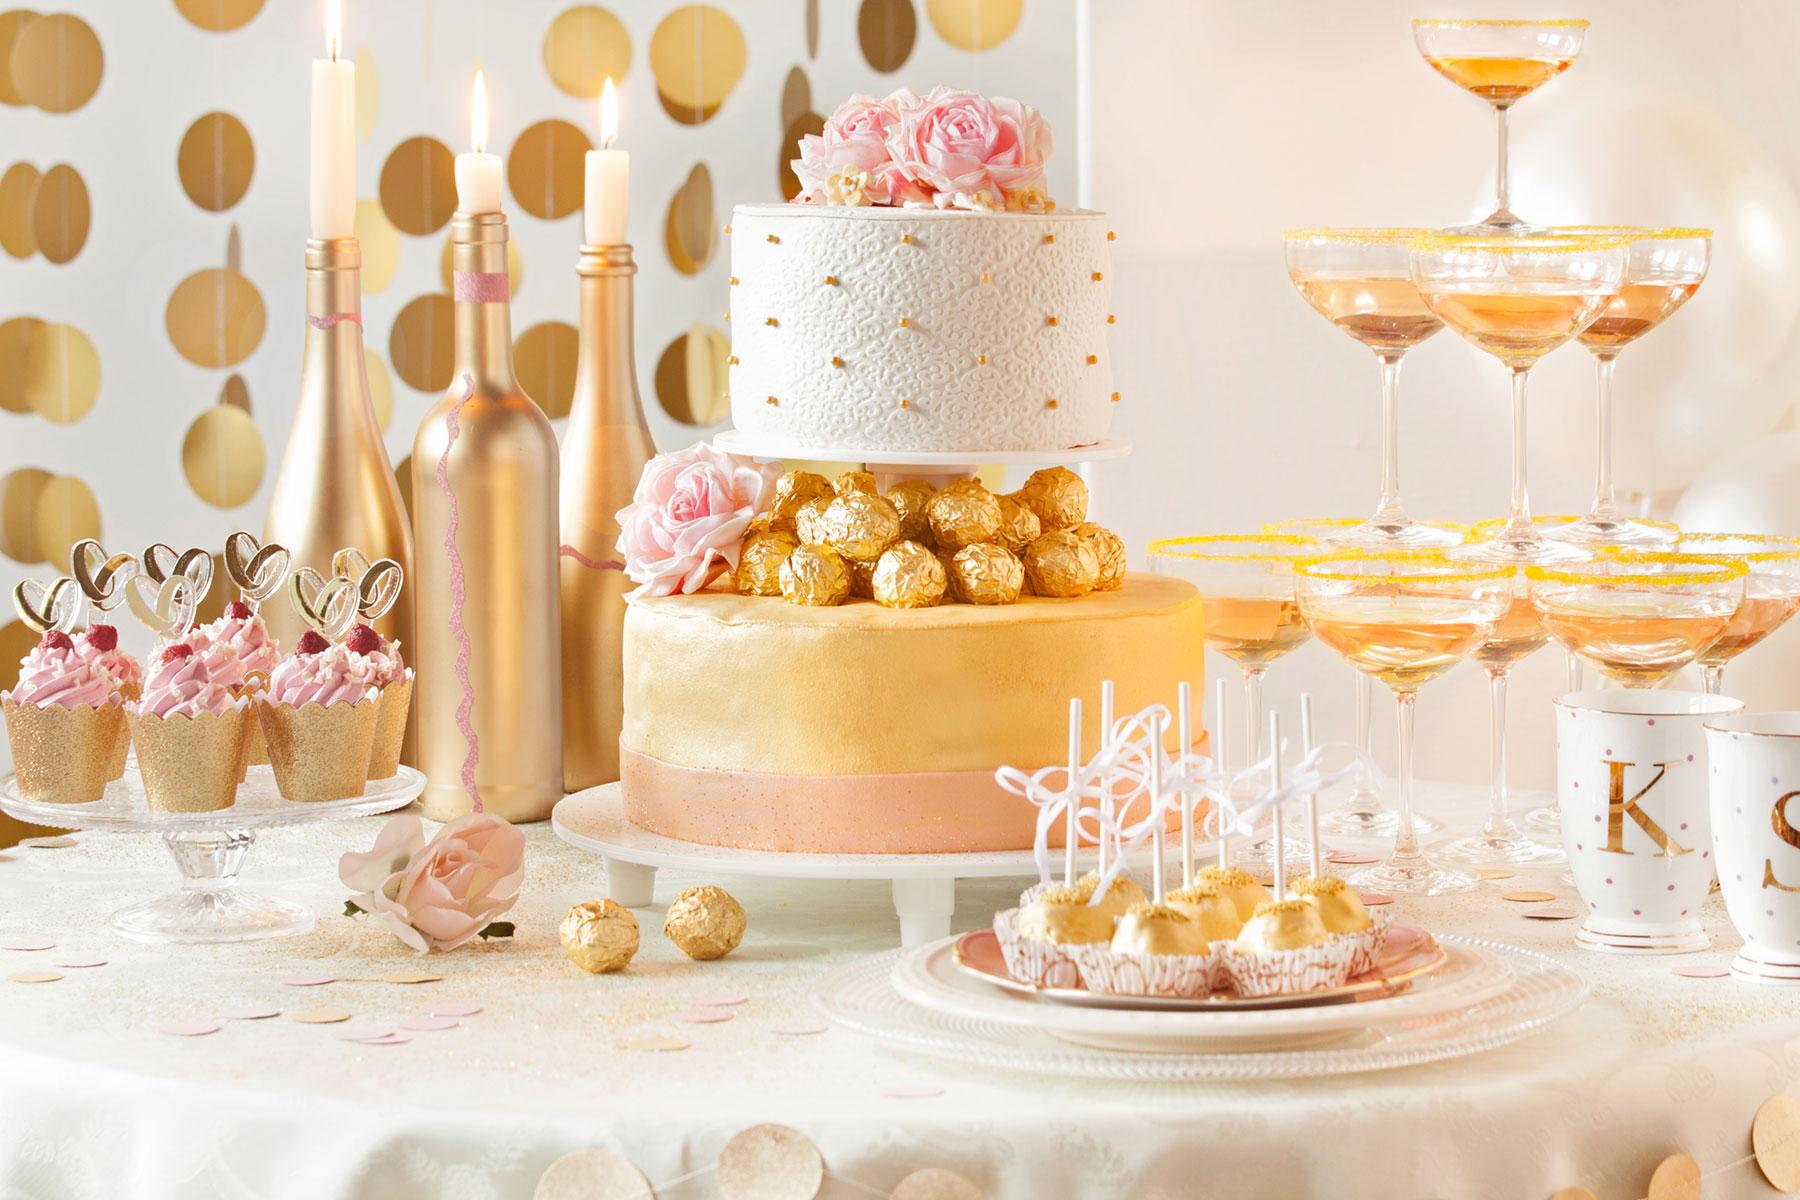 Hochzeitstorte Reezept und Idee für goldene Genüsse mit Glamour